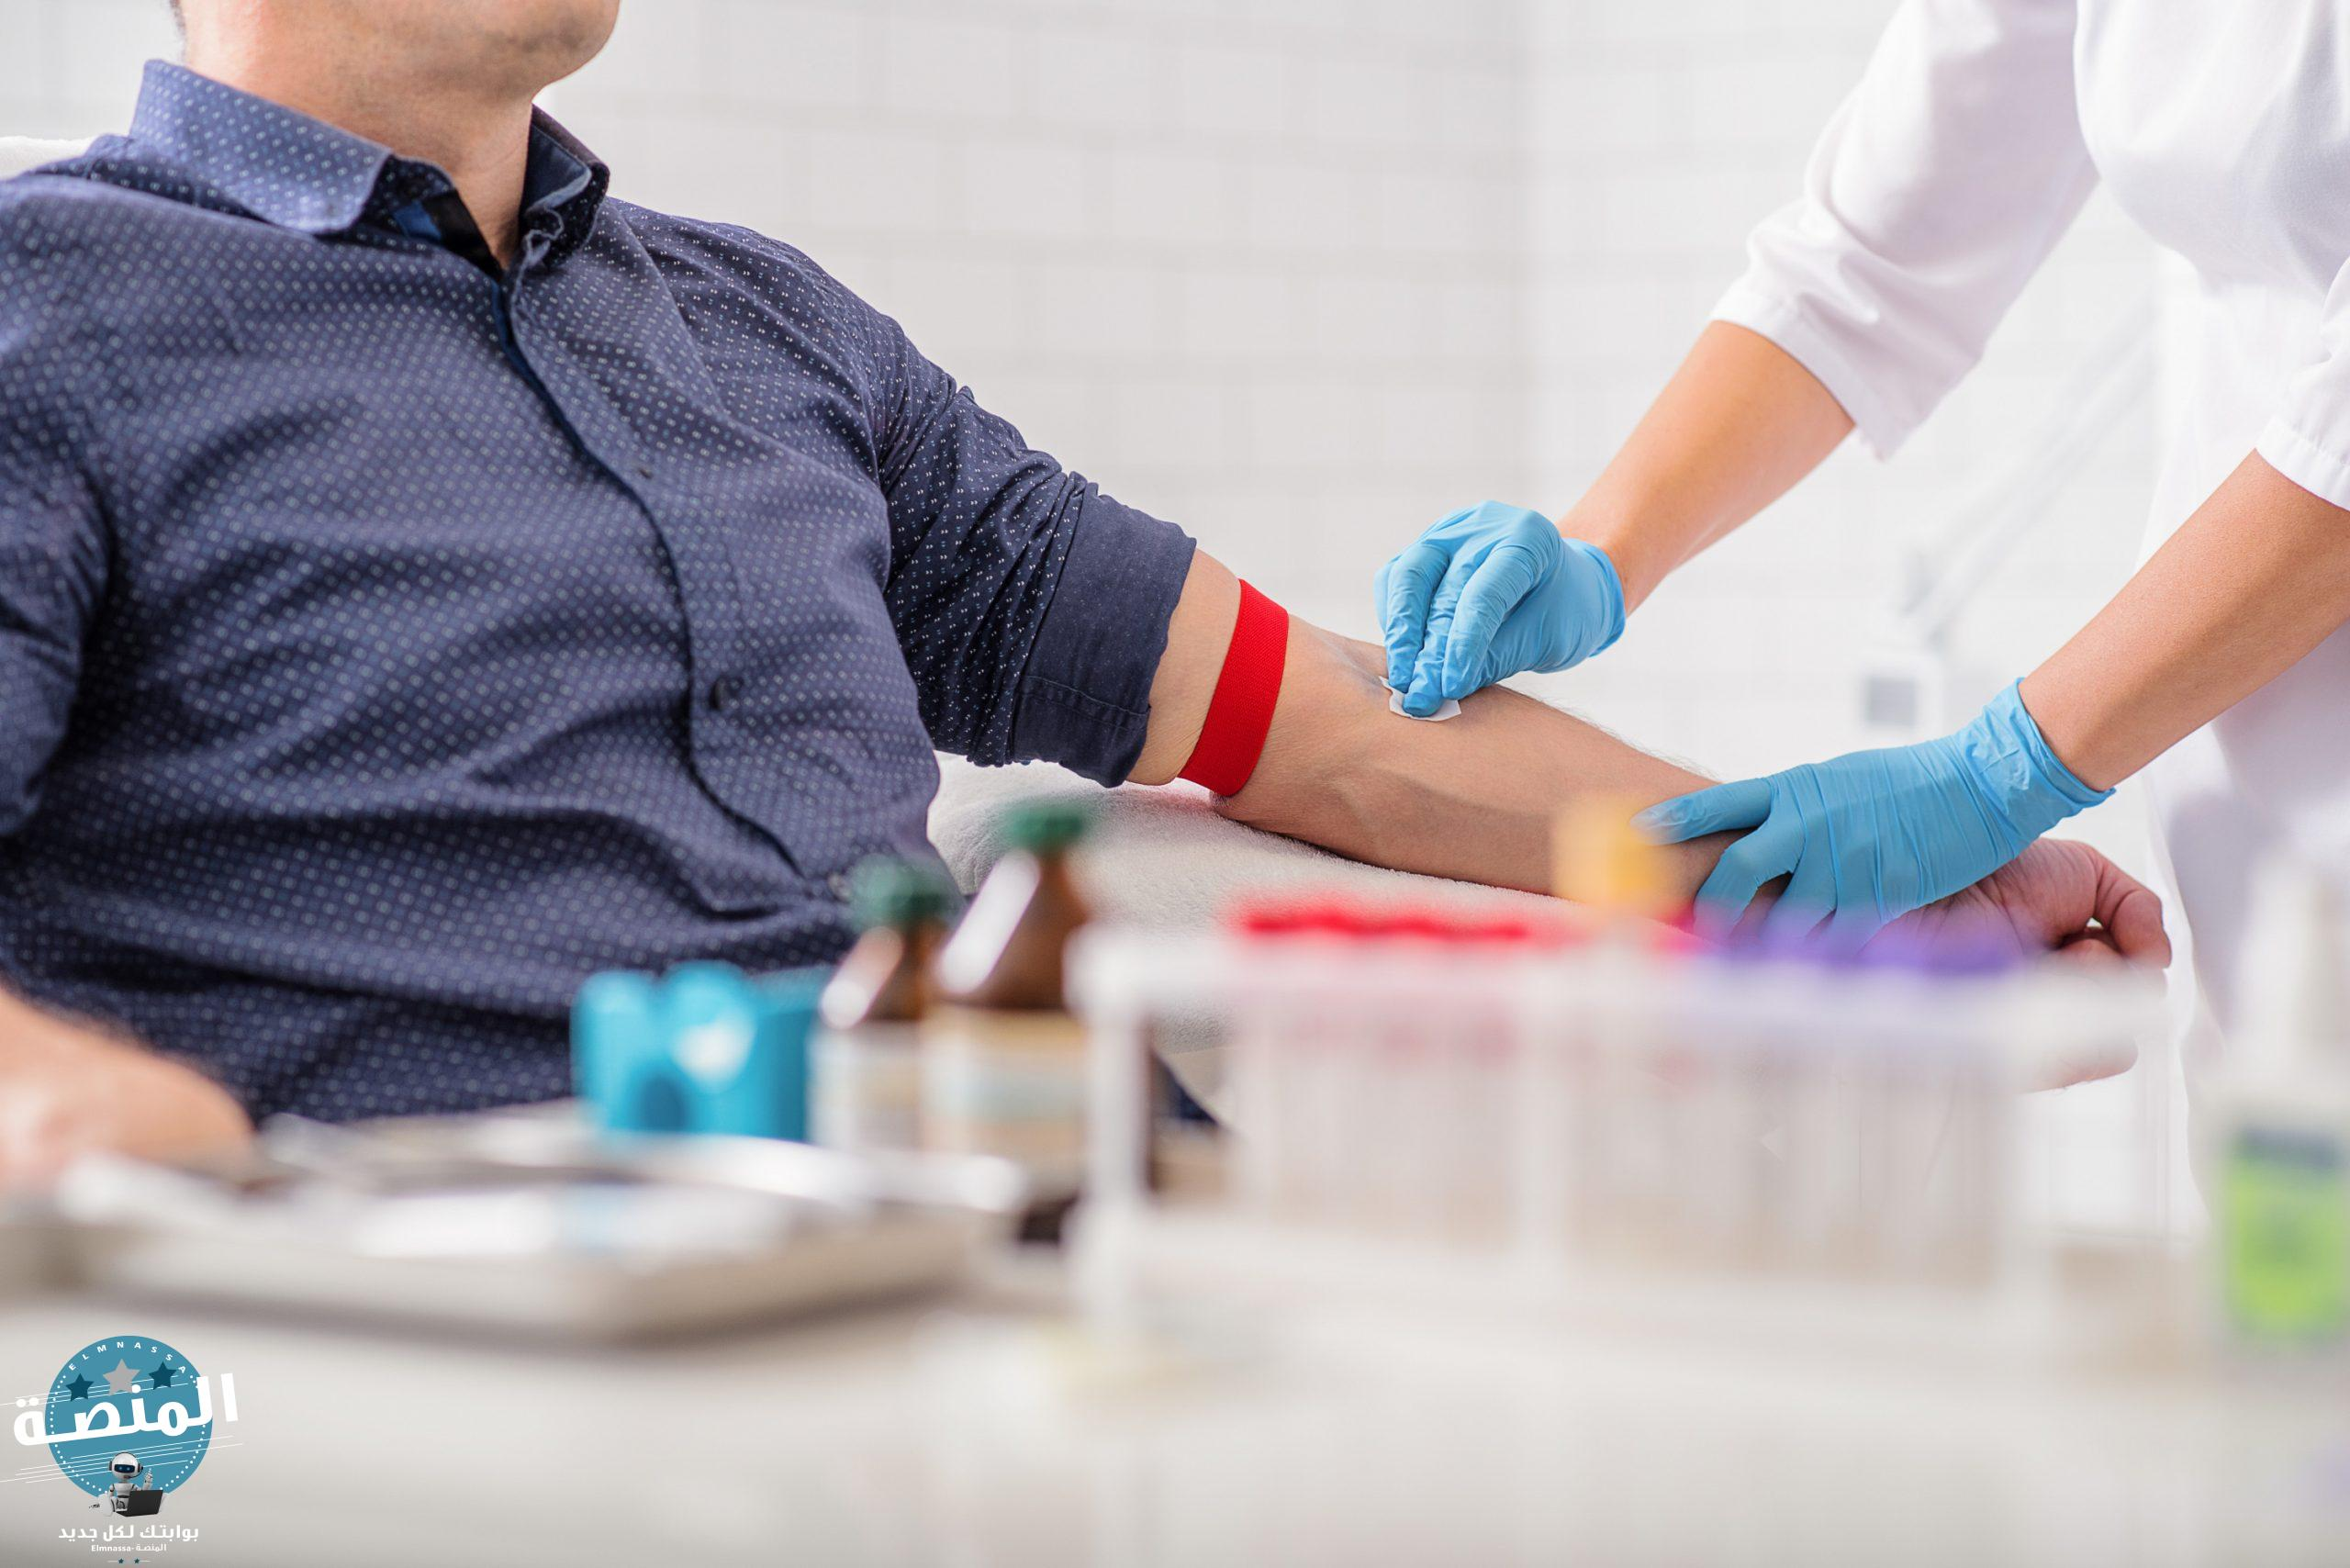 ما هو اختبار تحمل الجلوكوز الفموي؟